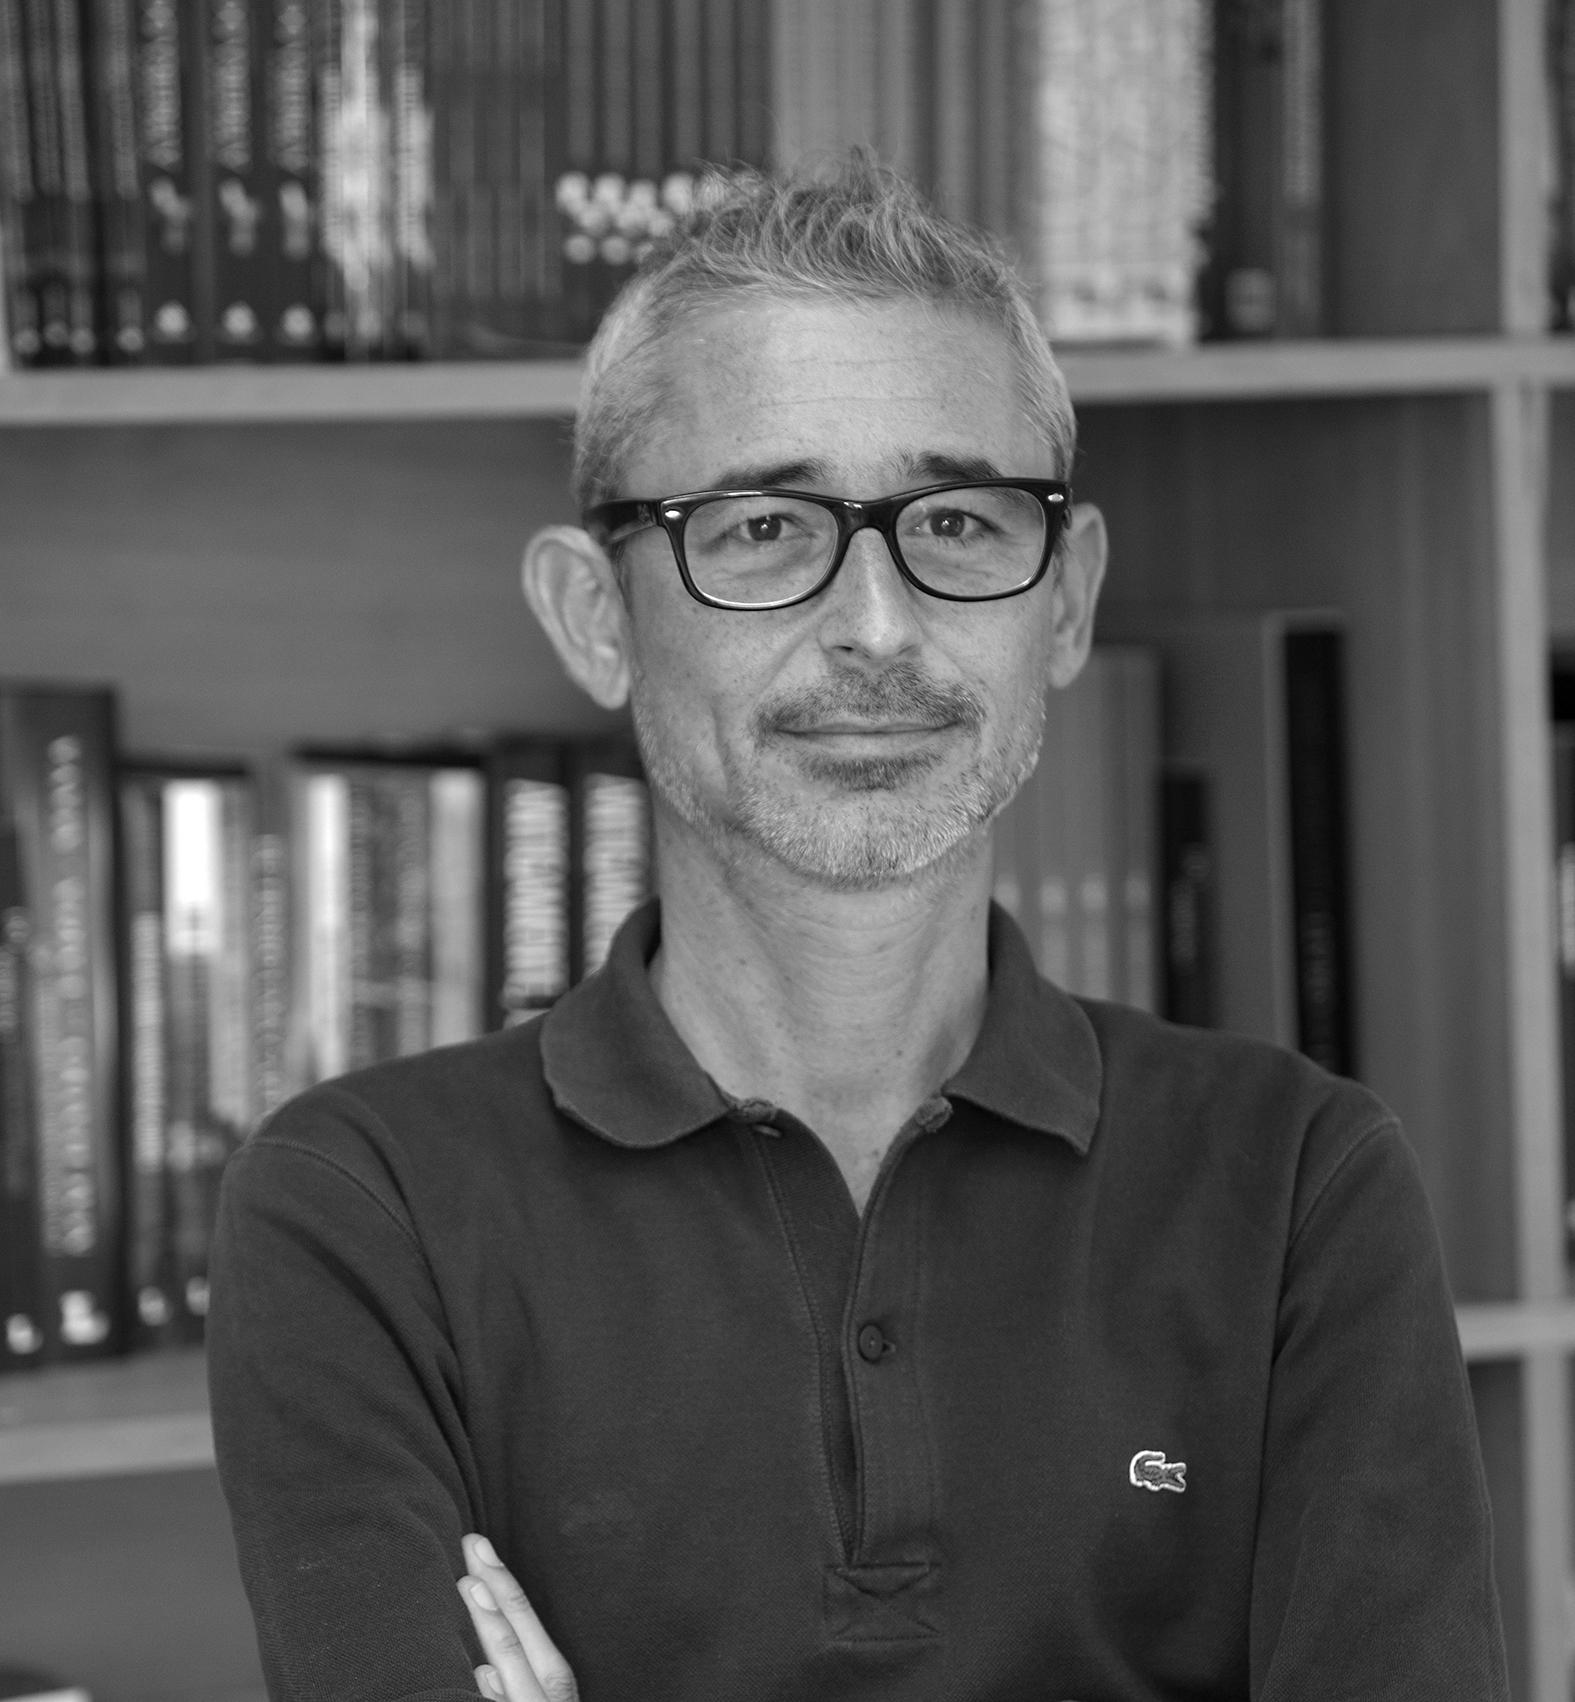 Mini-Entrevista a Luís Rego: «As convenções e as regras são um pouco como pequenos demónios para mim»